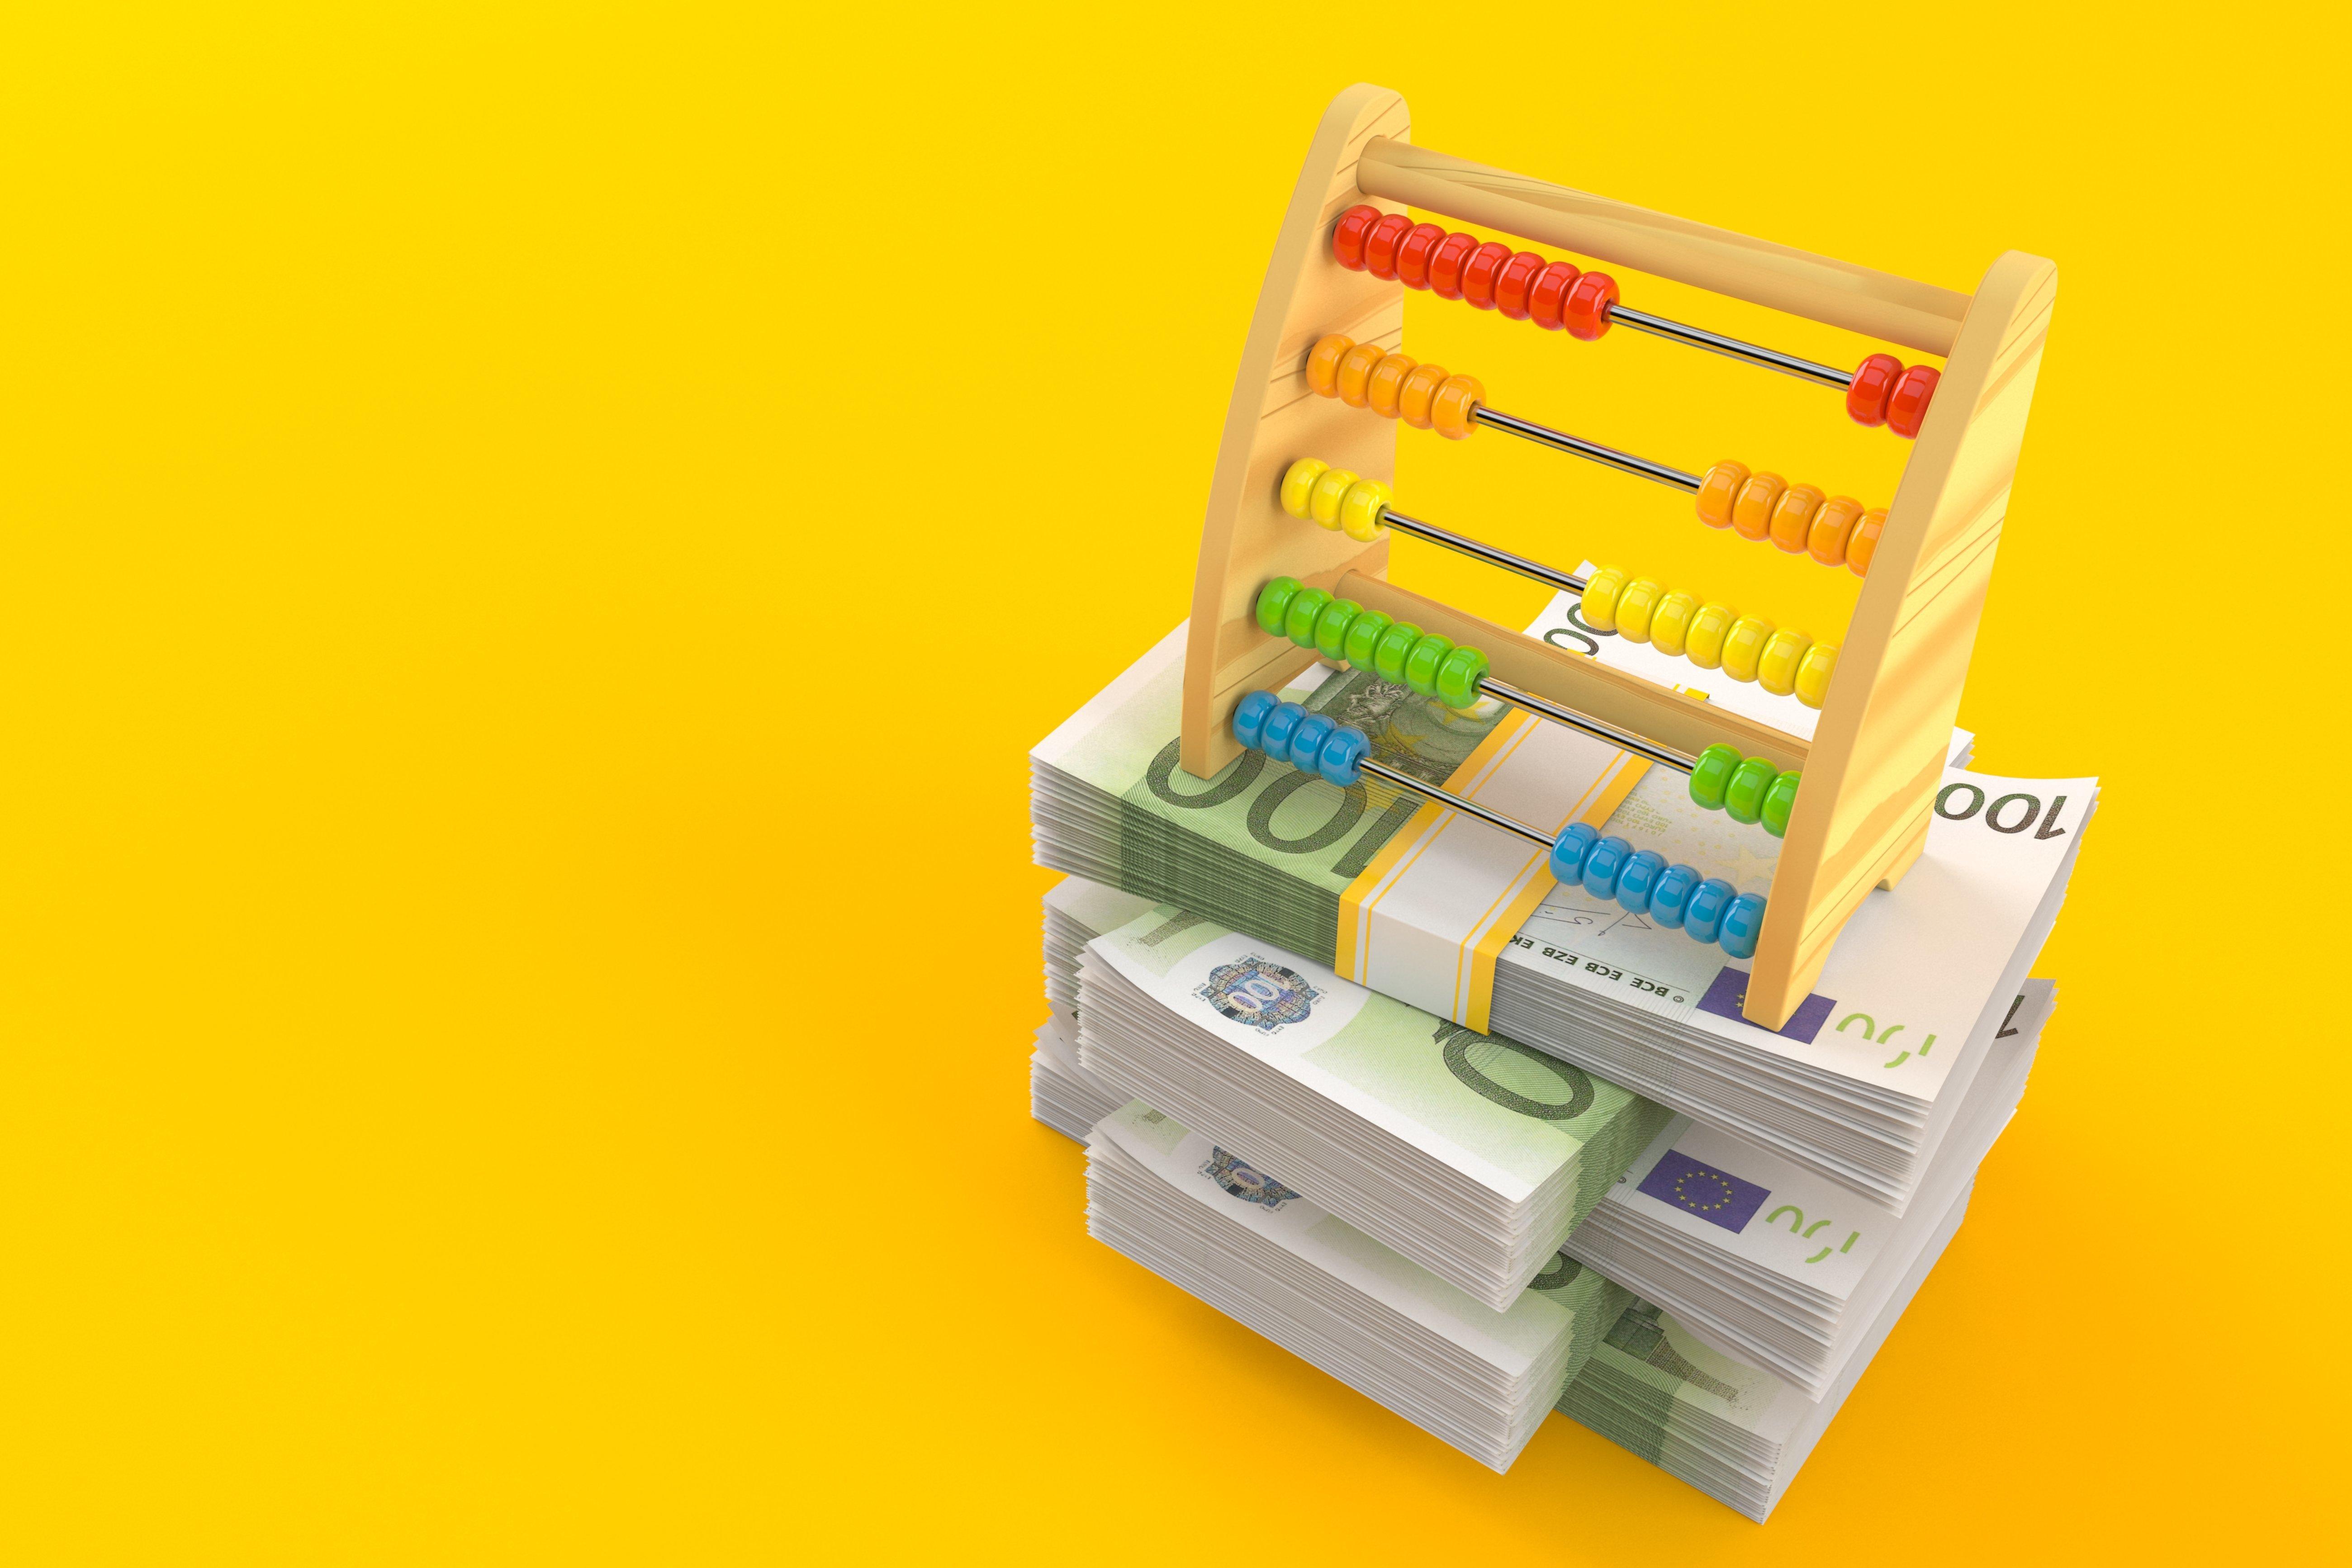 Διαπραγμάτευση ευρώ-ευρώ για να μην κοπούν οι